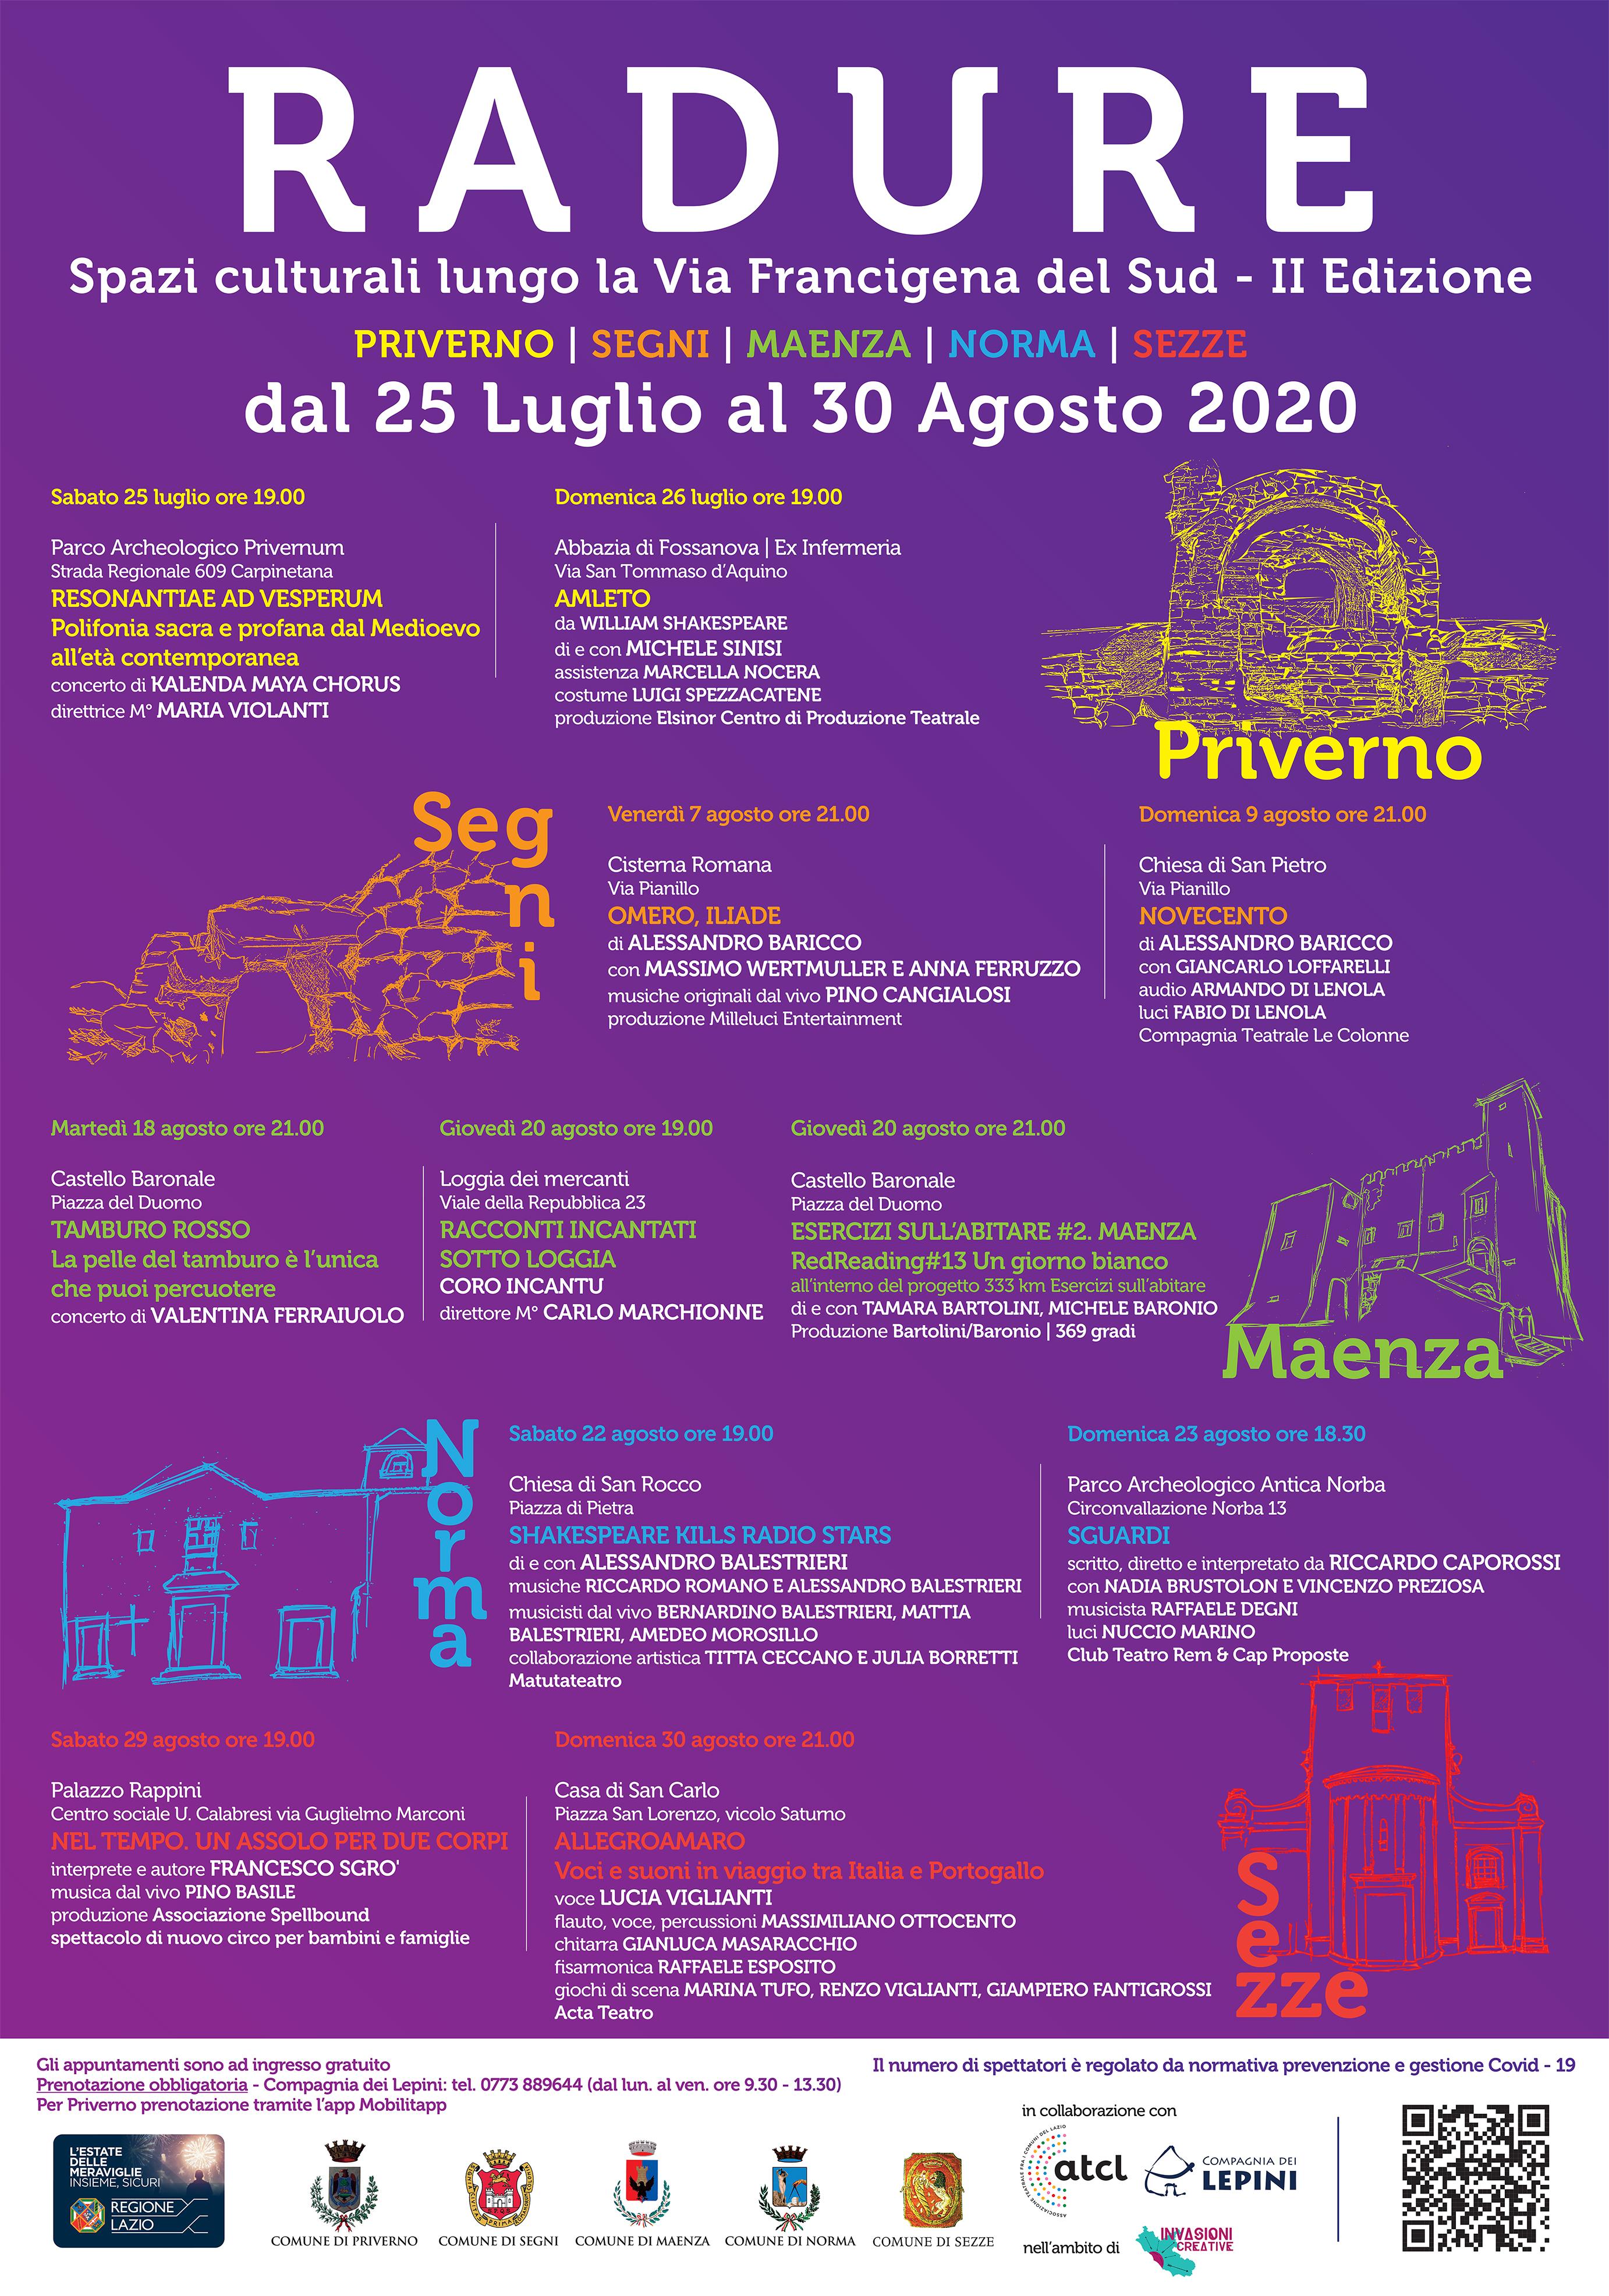 radure-2020-manifesto-70x100